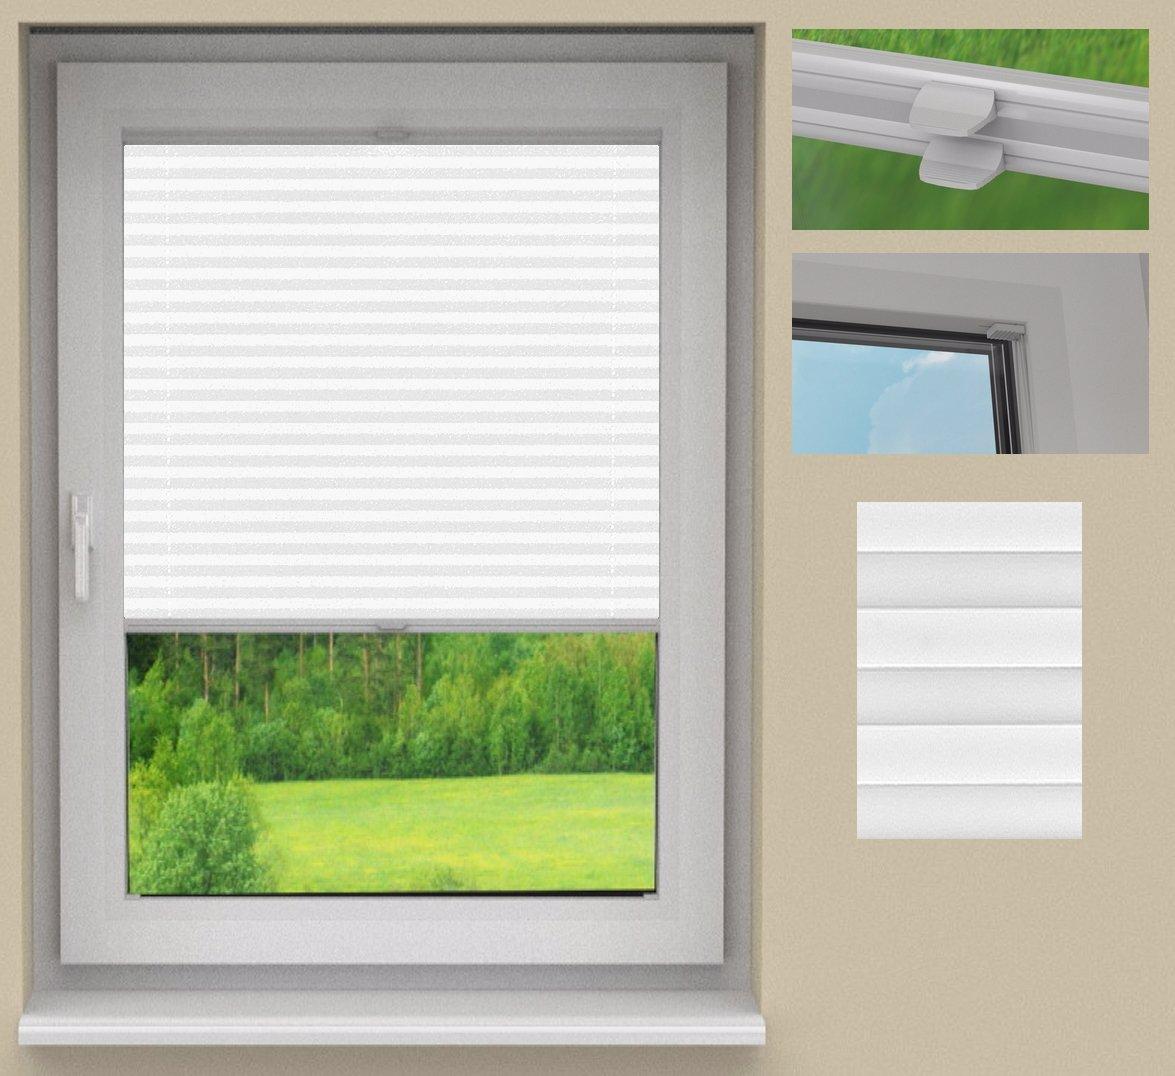 SUNLUX24 Plissee Cosimo auf Maß Maß Maß   Stoff  Weiß(PLB063)   Systemfarbe  Weiß   Montage  Im Glasfalz  Breite 20 bis 50cm x Höhe 200,1 bis 210cm 18196b